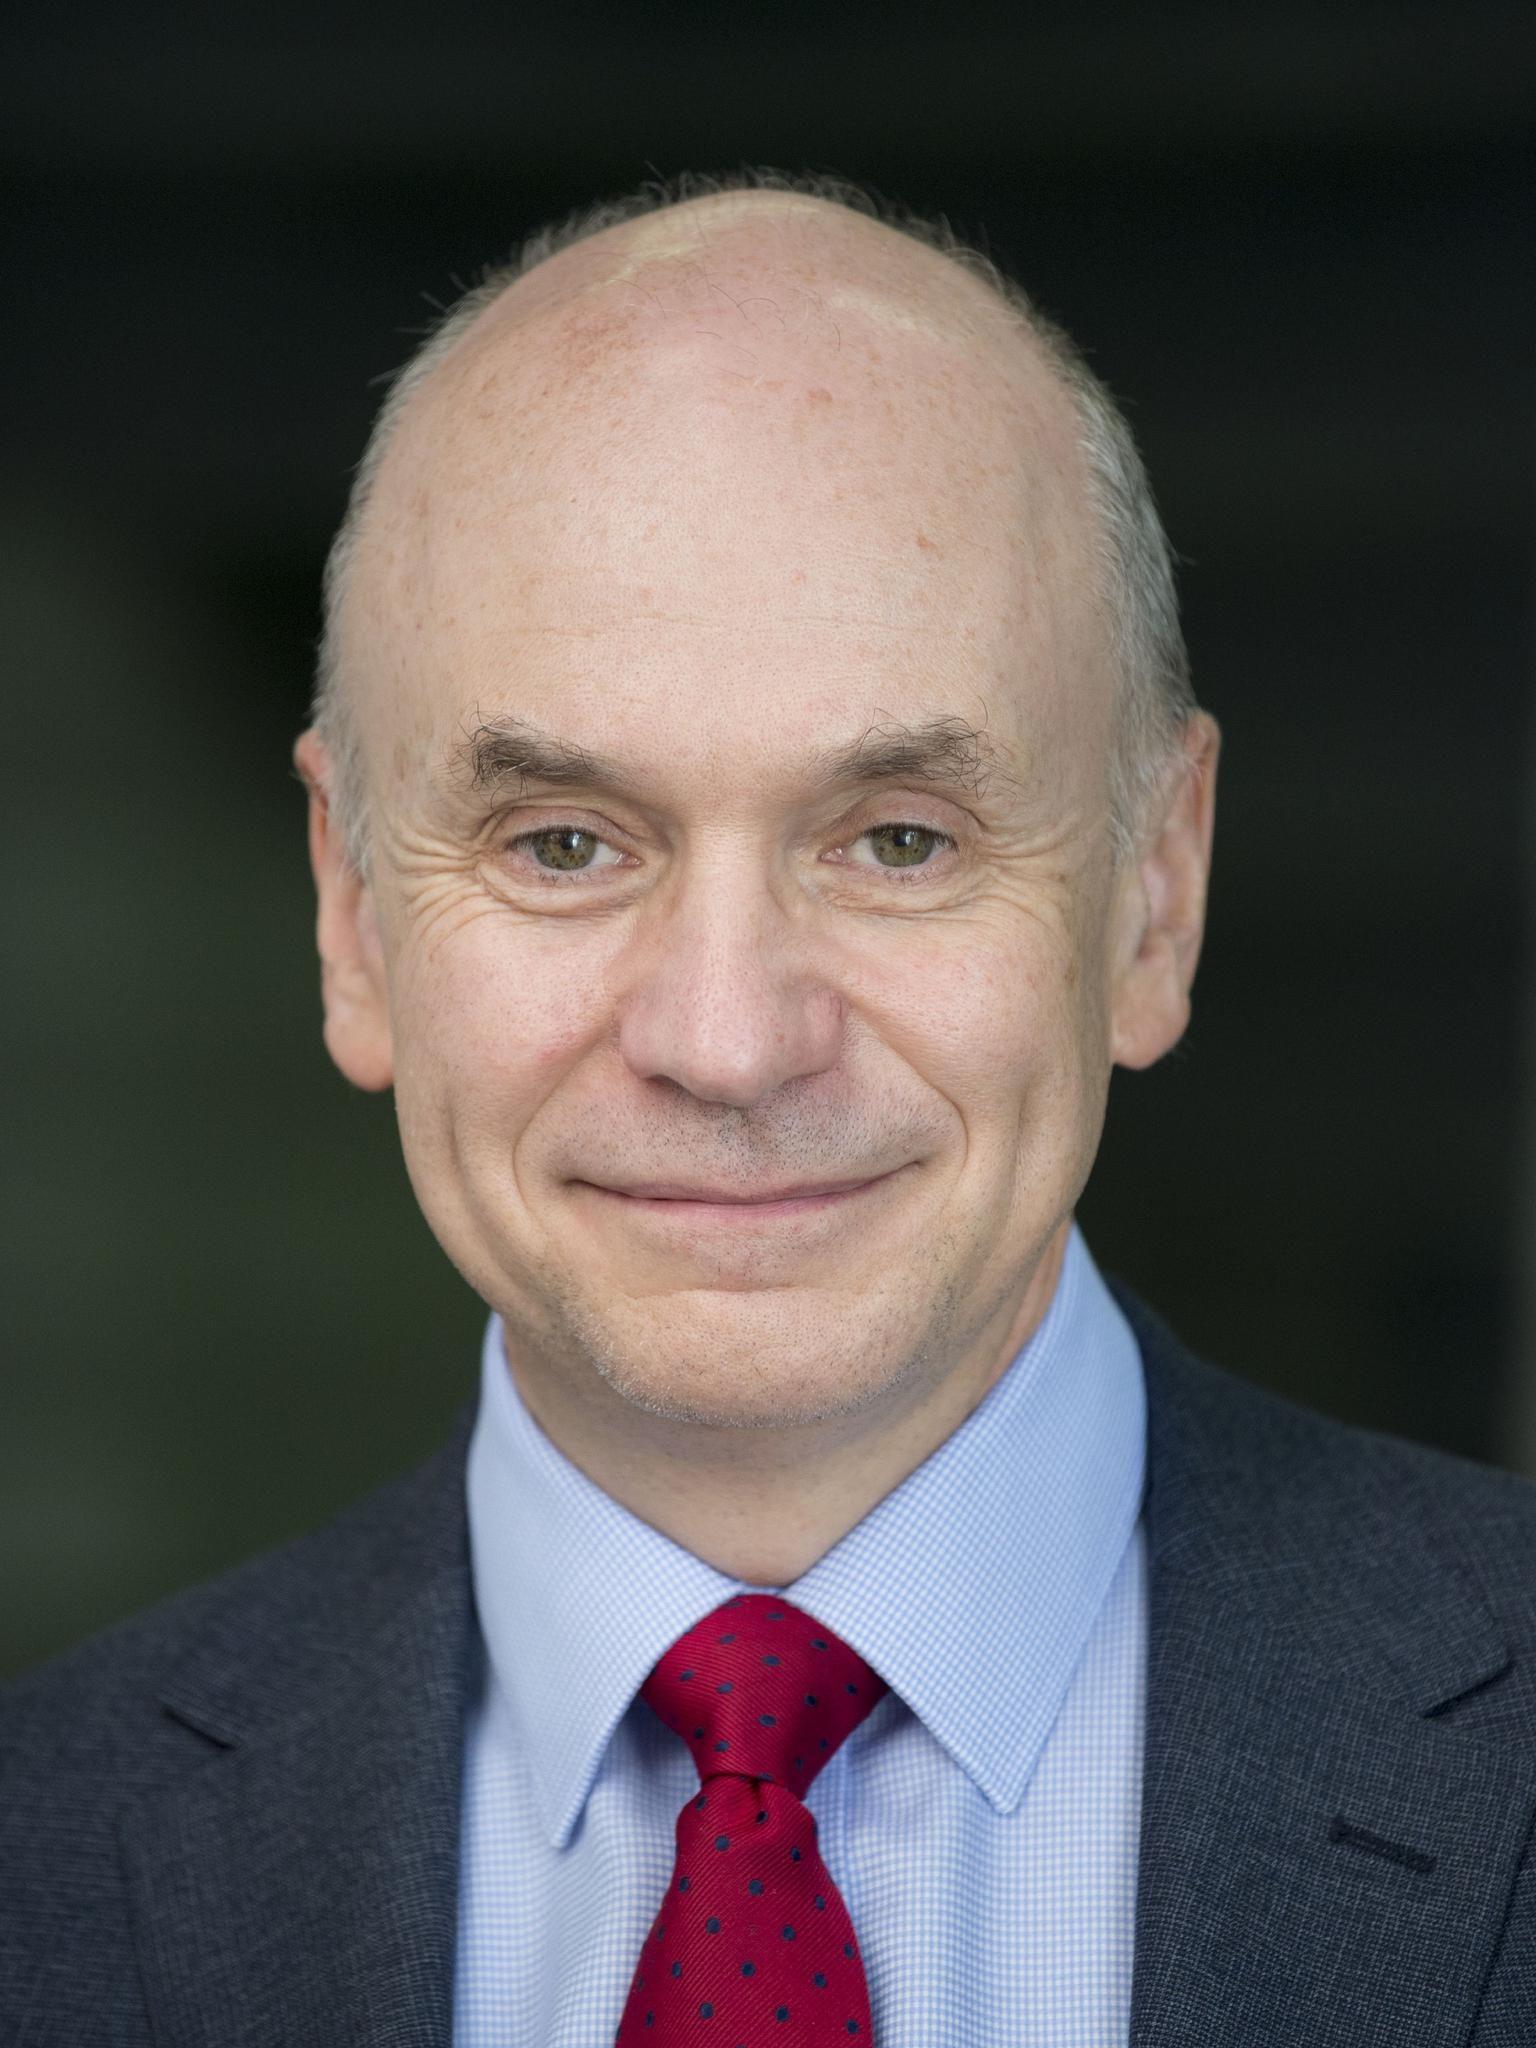 Adrian Hopgood